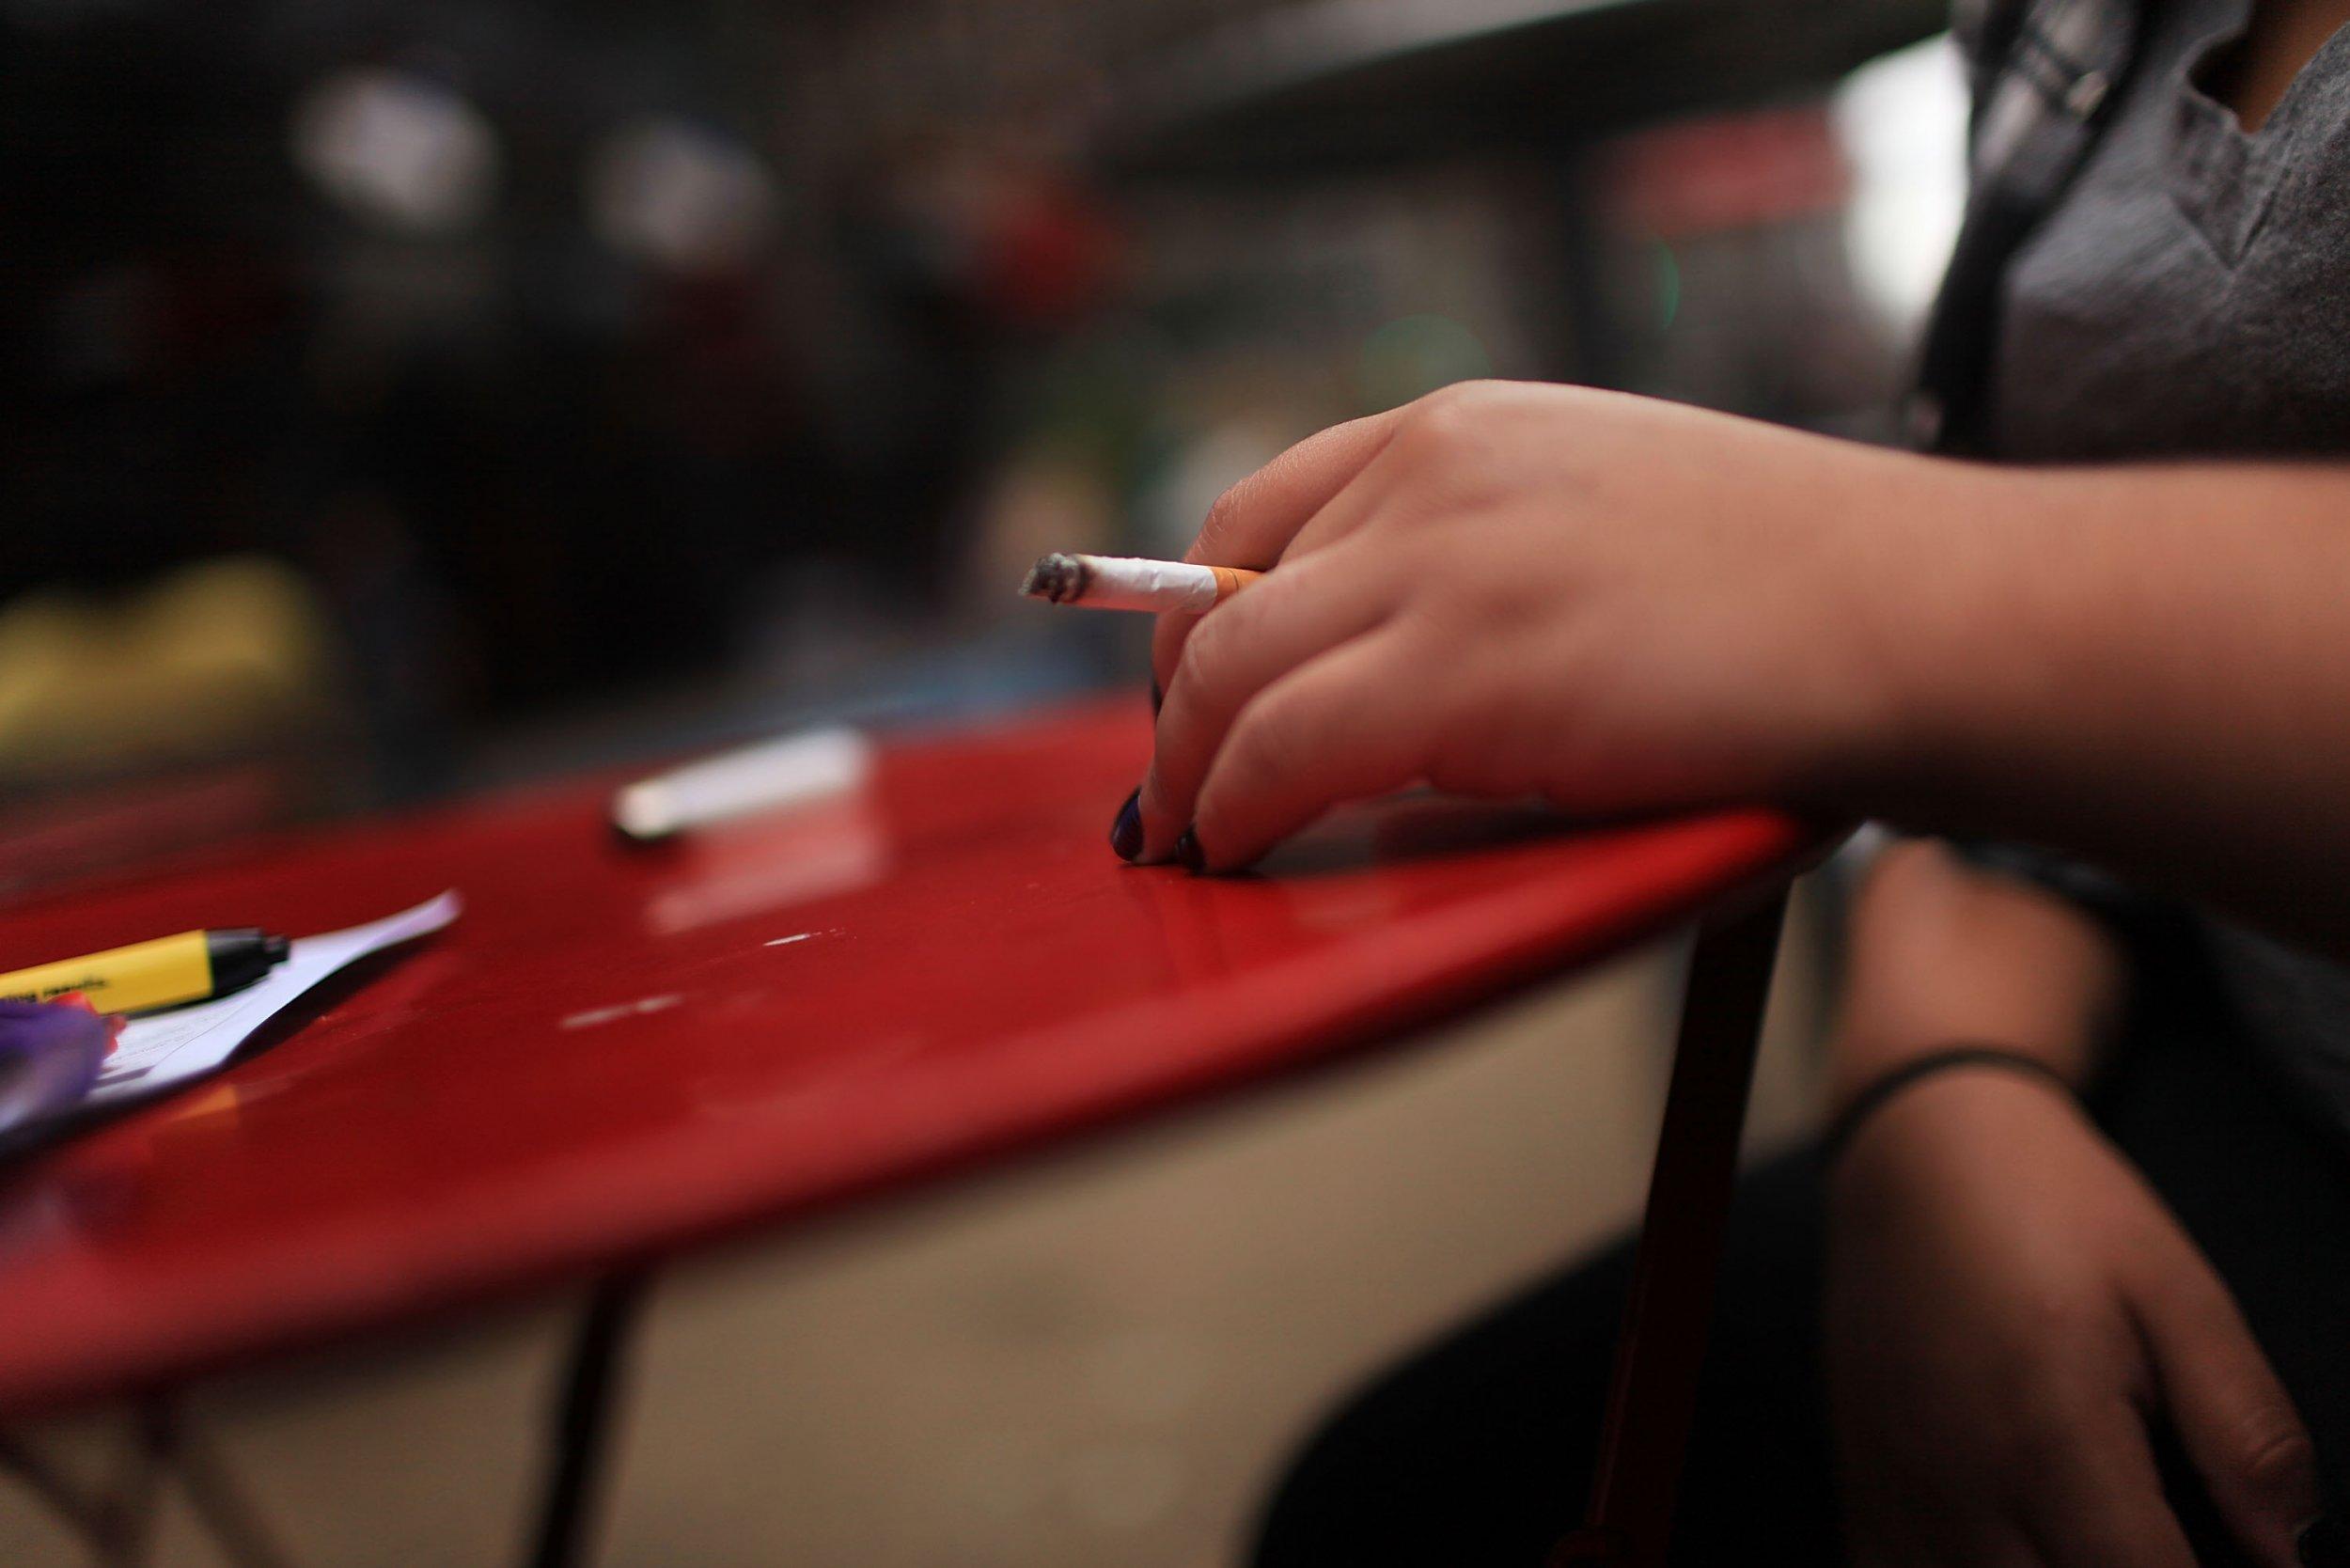 smoking times square